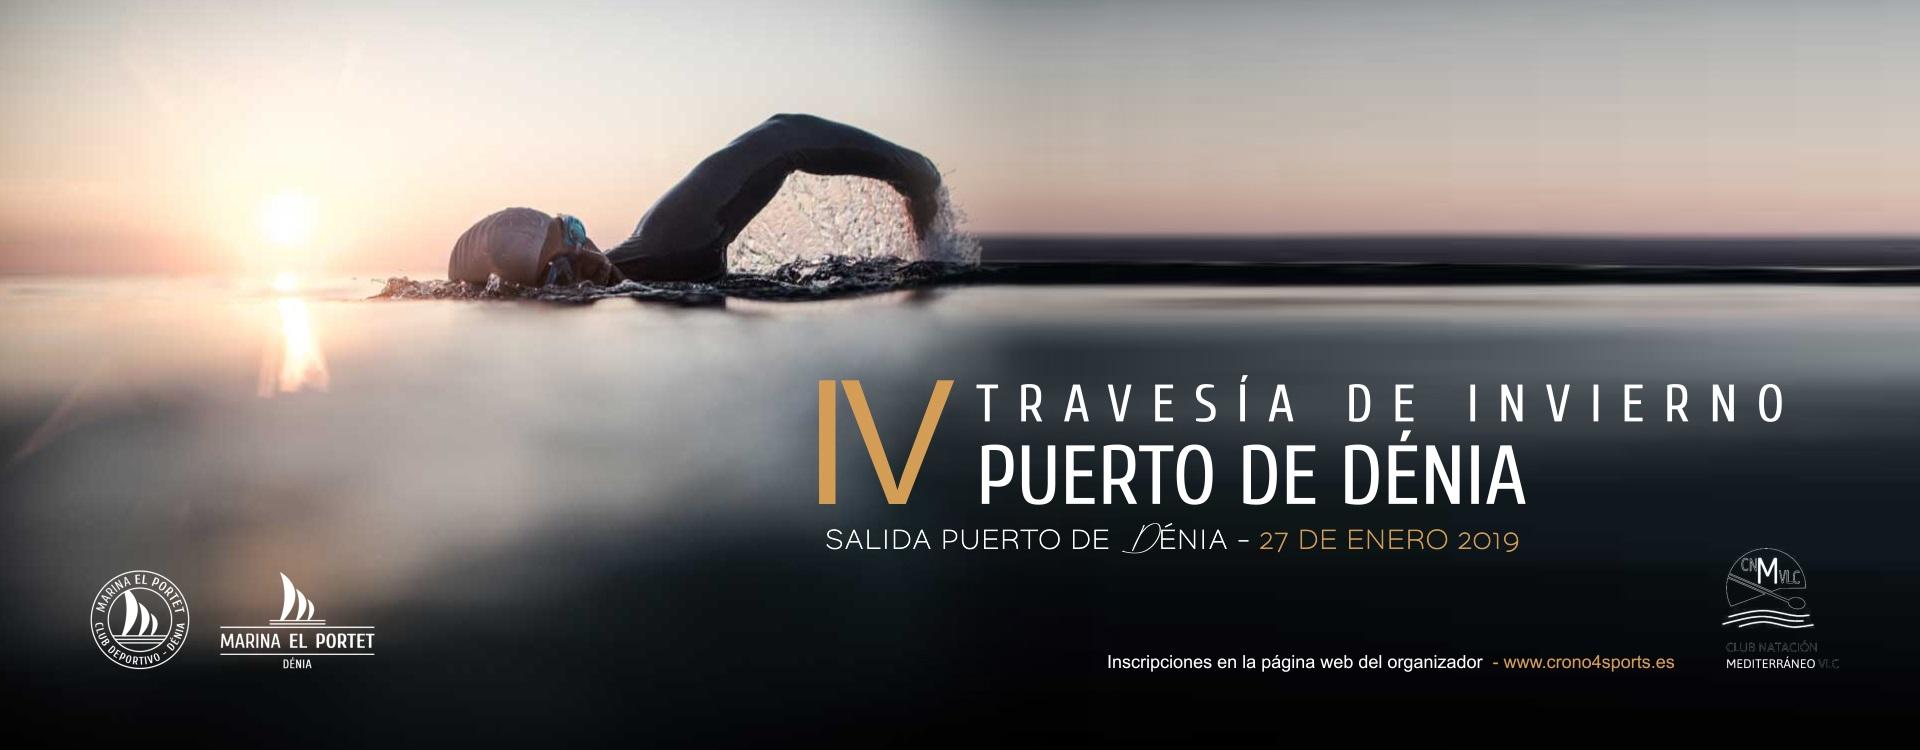 Joaquin Molpeceres Concurso de Christmas Marina el POrtet de Dénia Perfect Pixel Publicidad